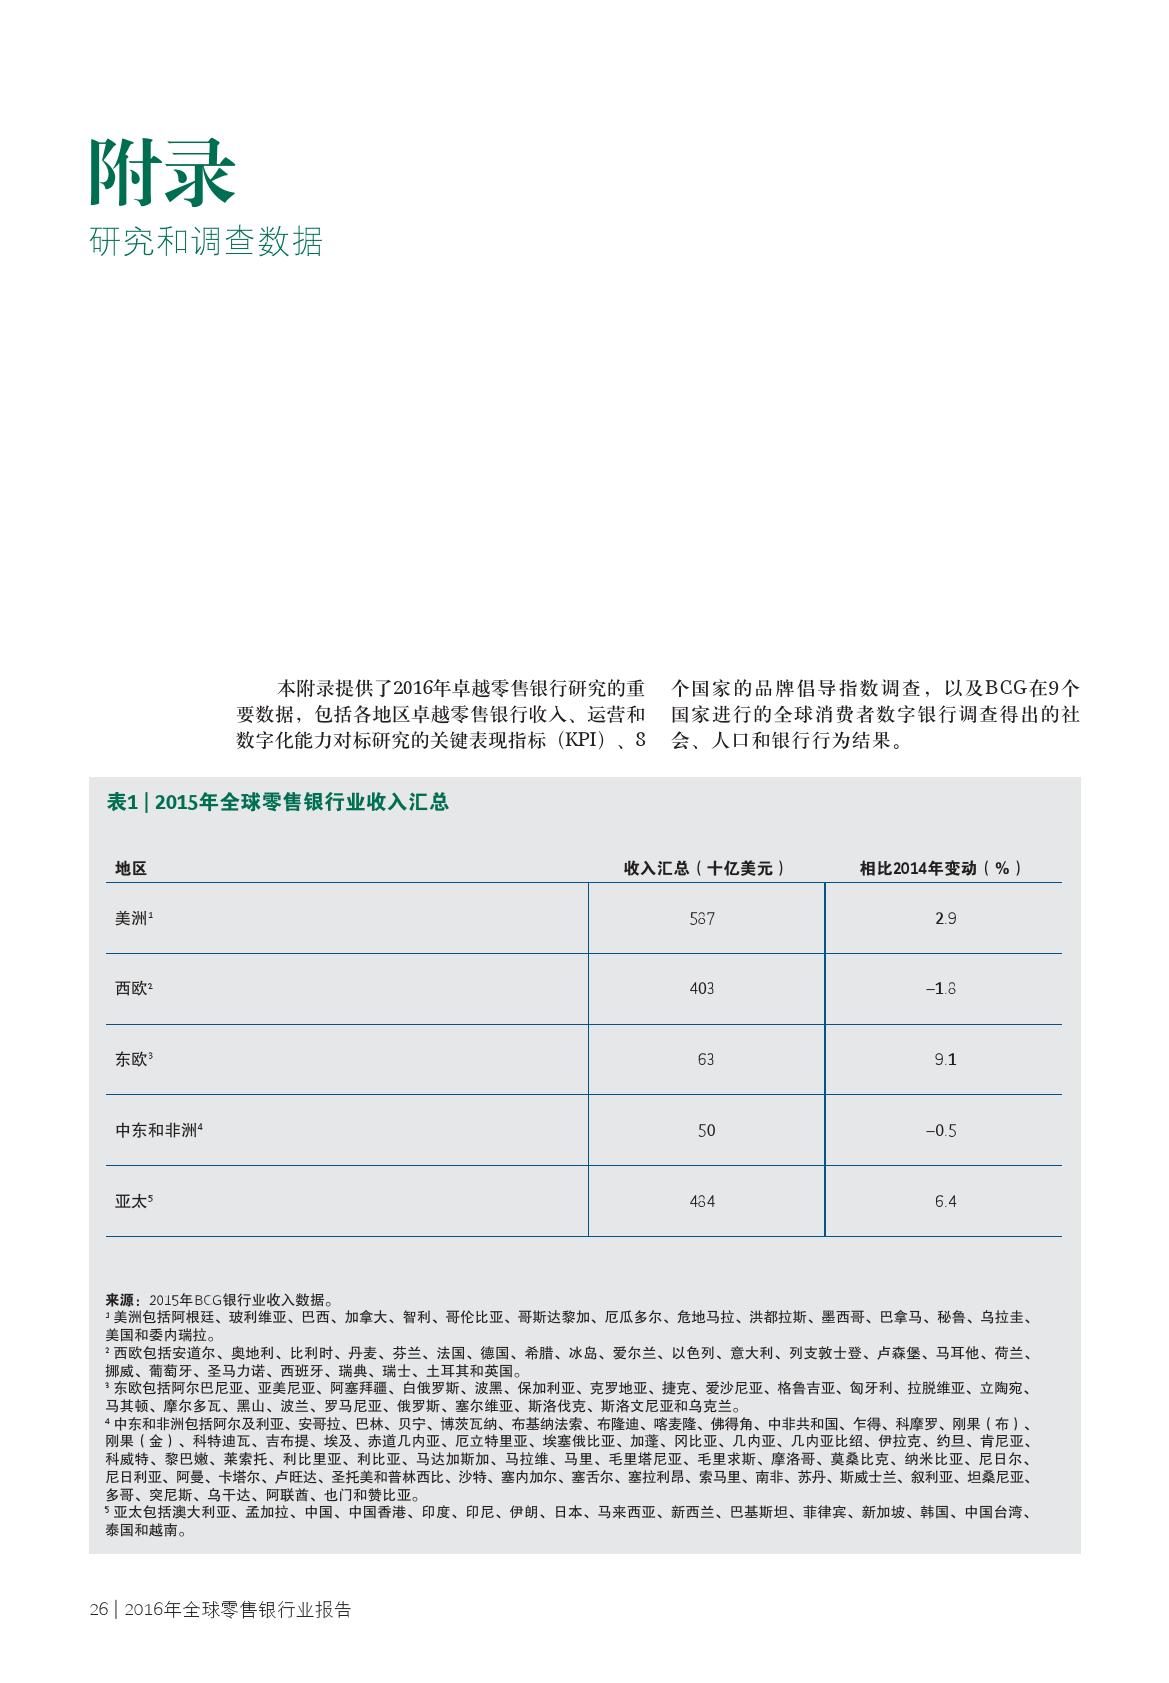 2016年全球零售银行业报告_000028